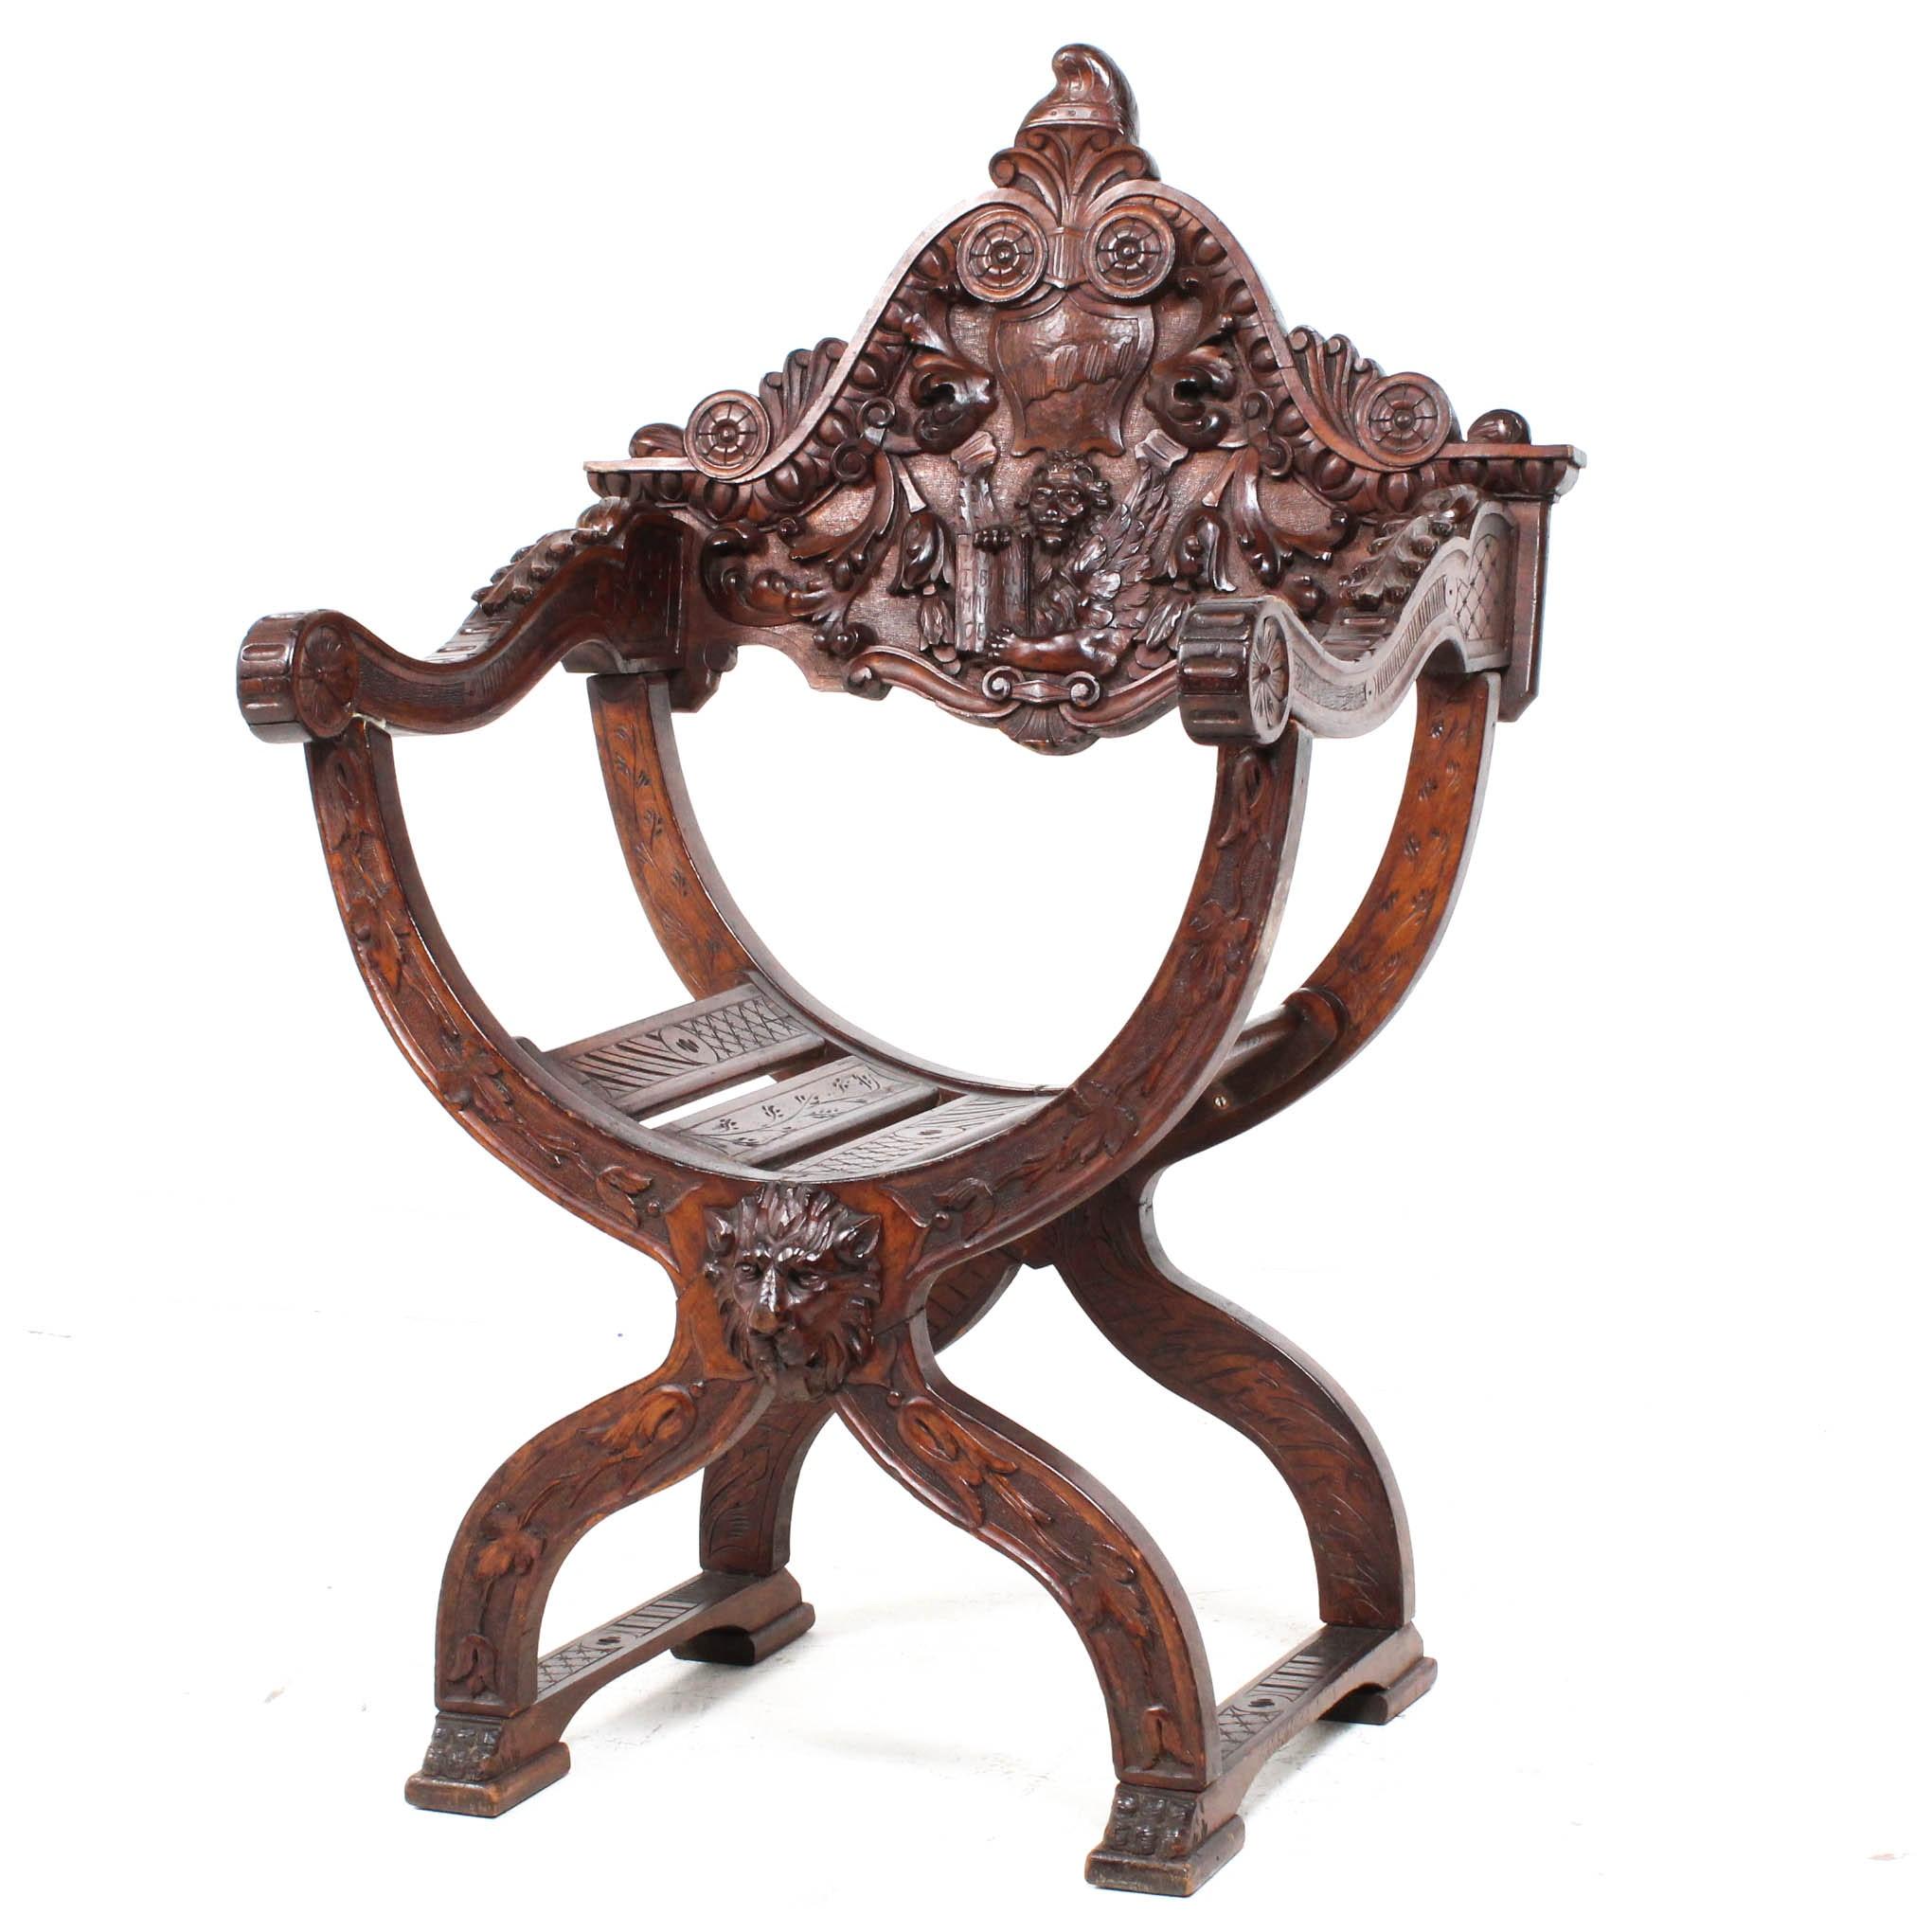 Antique Savonarola Renaissance Revival Chair